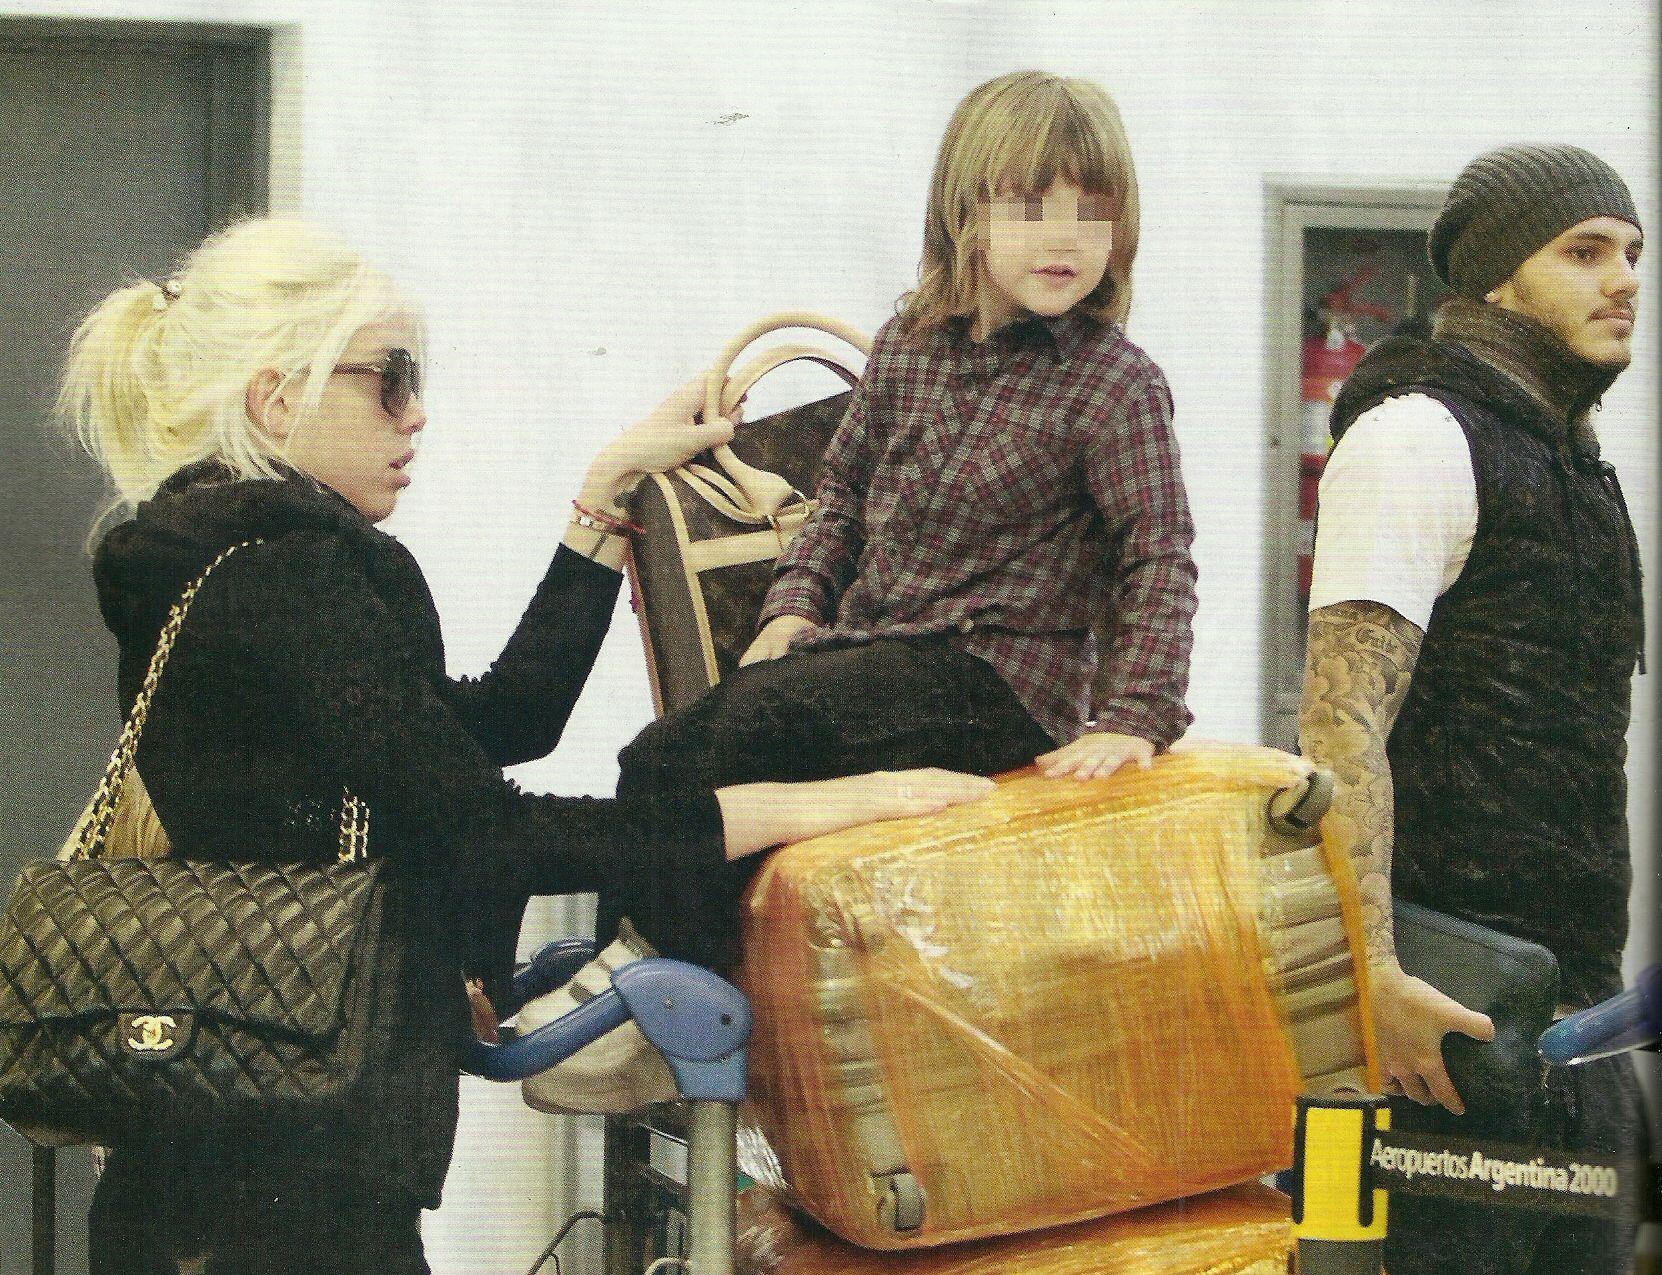 Wanda Nara y Mauro Icardi dejaron el glamour en Bs As: se llevaron aceitunas y quesos a Milán